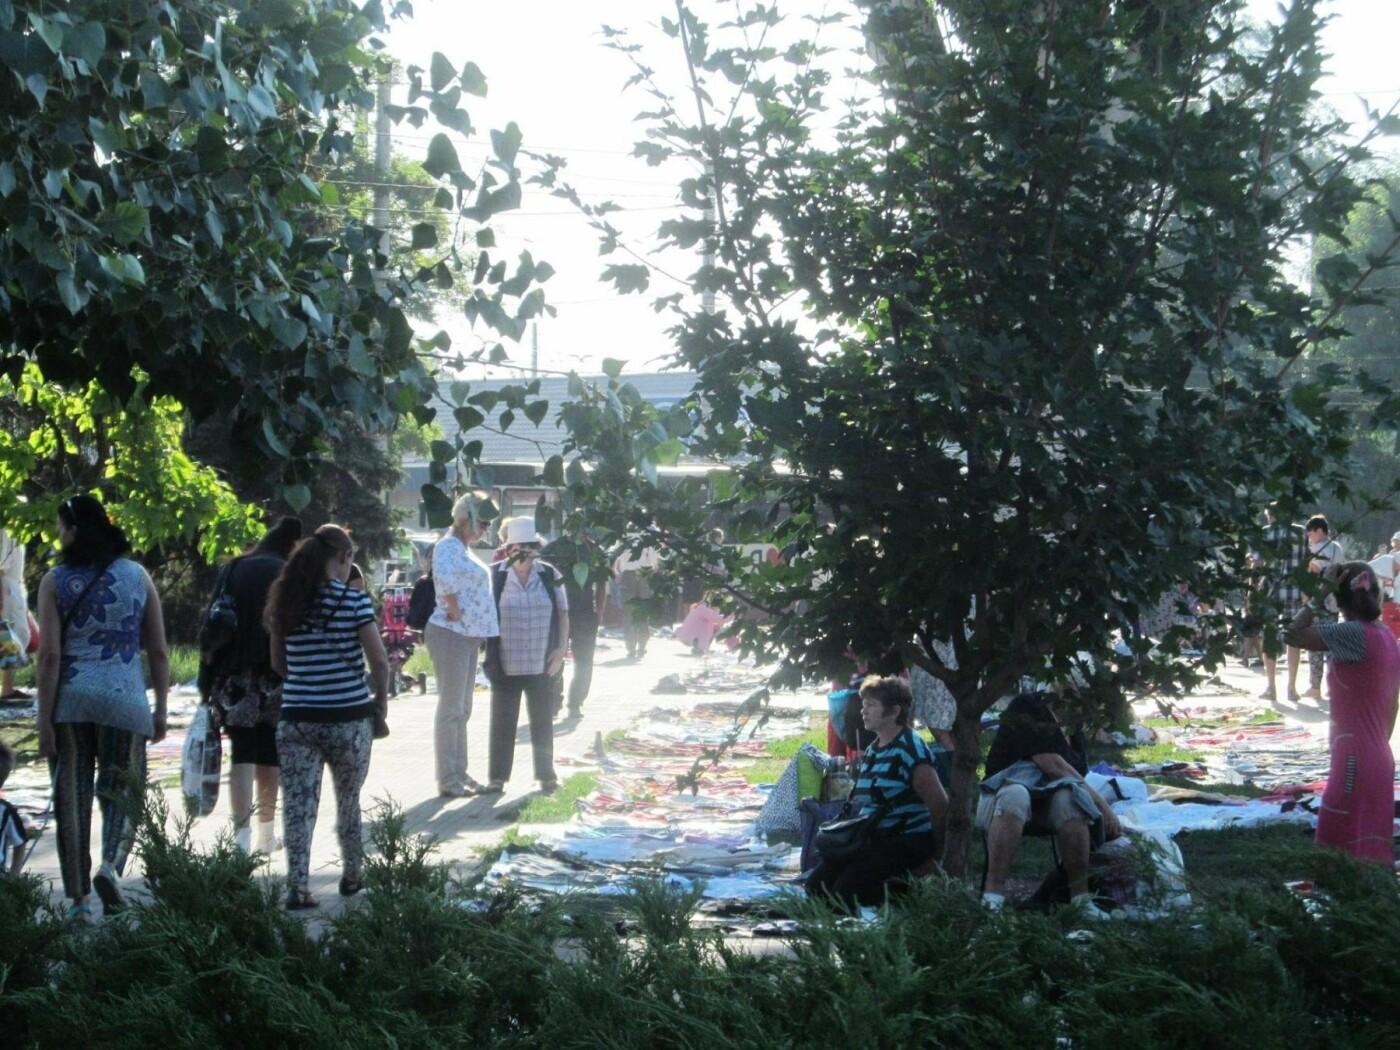 Базар-вокзал в Кривом Роге: Горожане предложили упорядочить стихийный рынок на Долгинцево, - ФОТО, фото-15